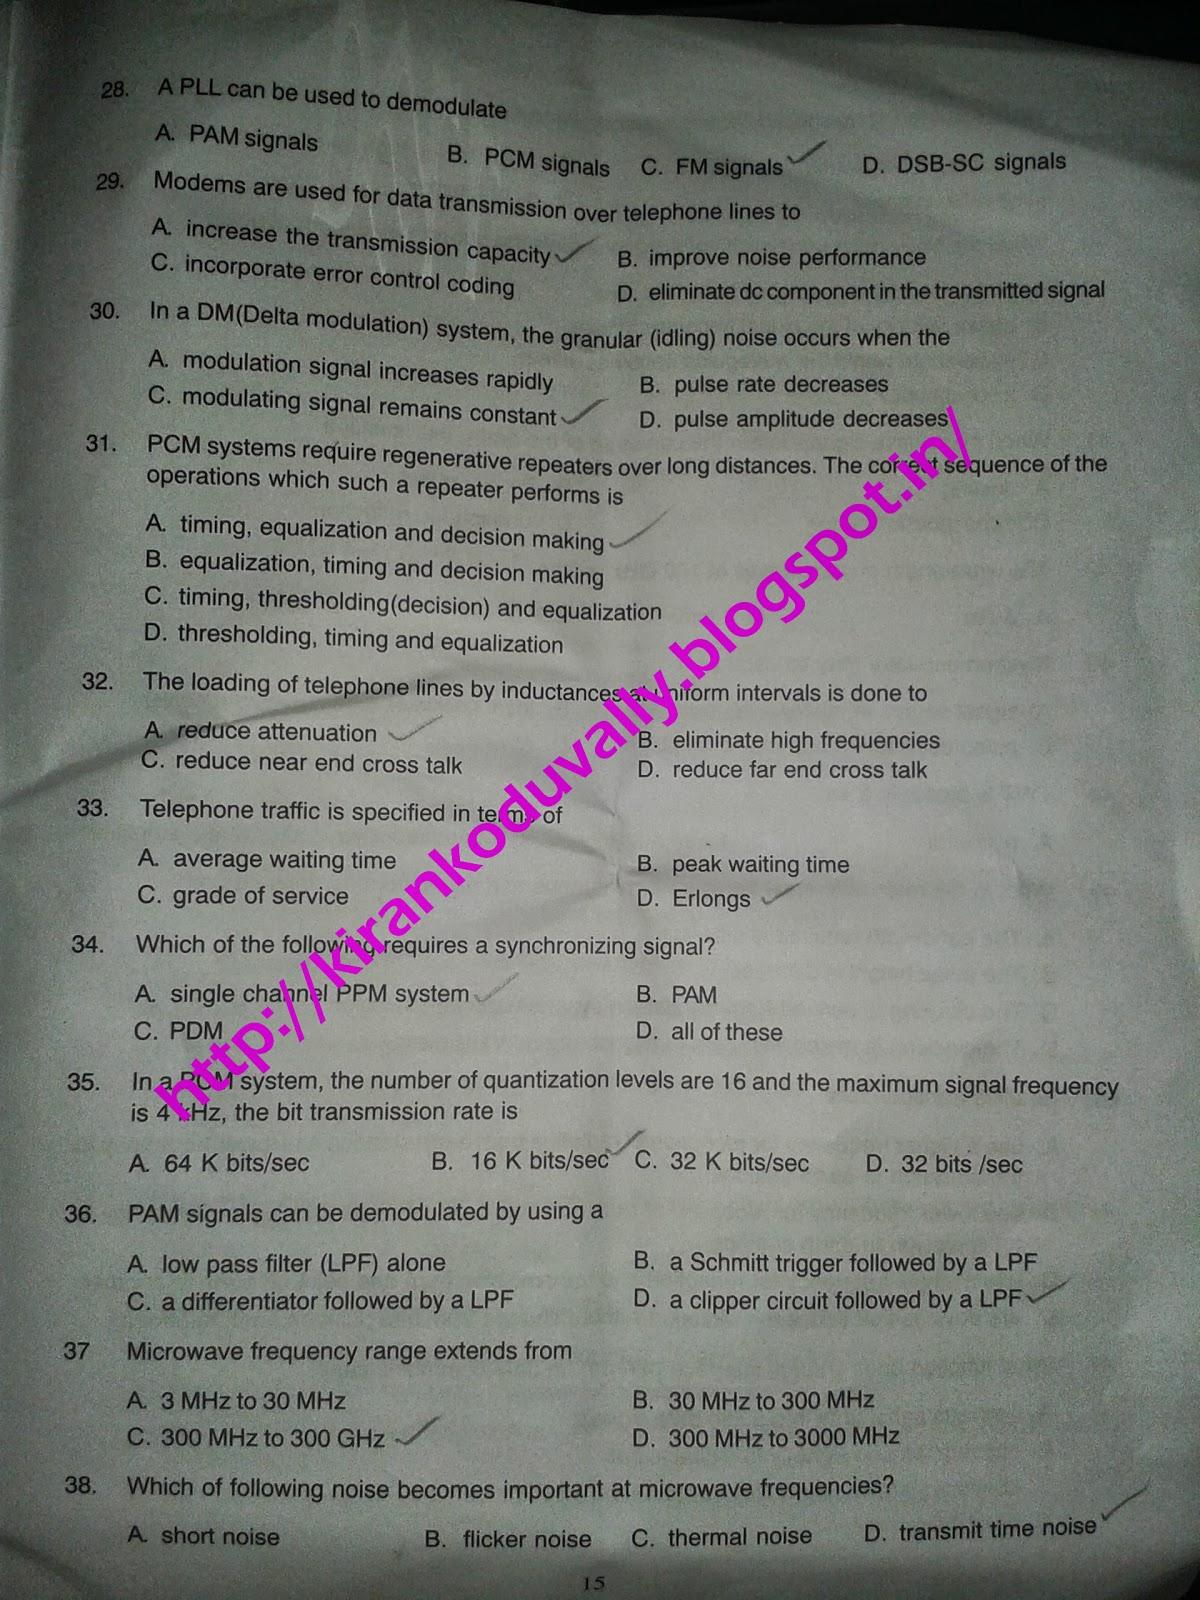 bsnl exam model question